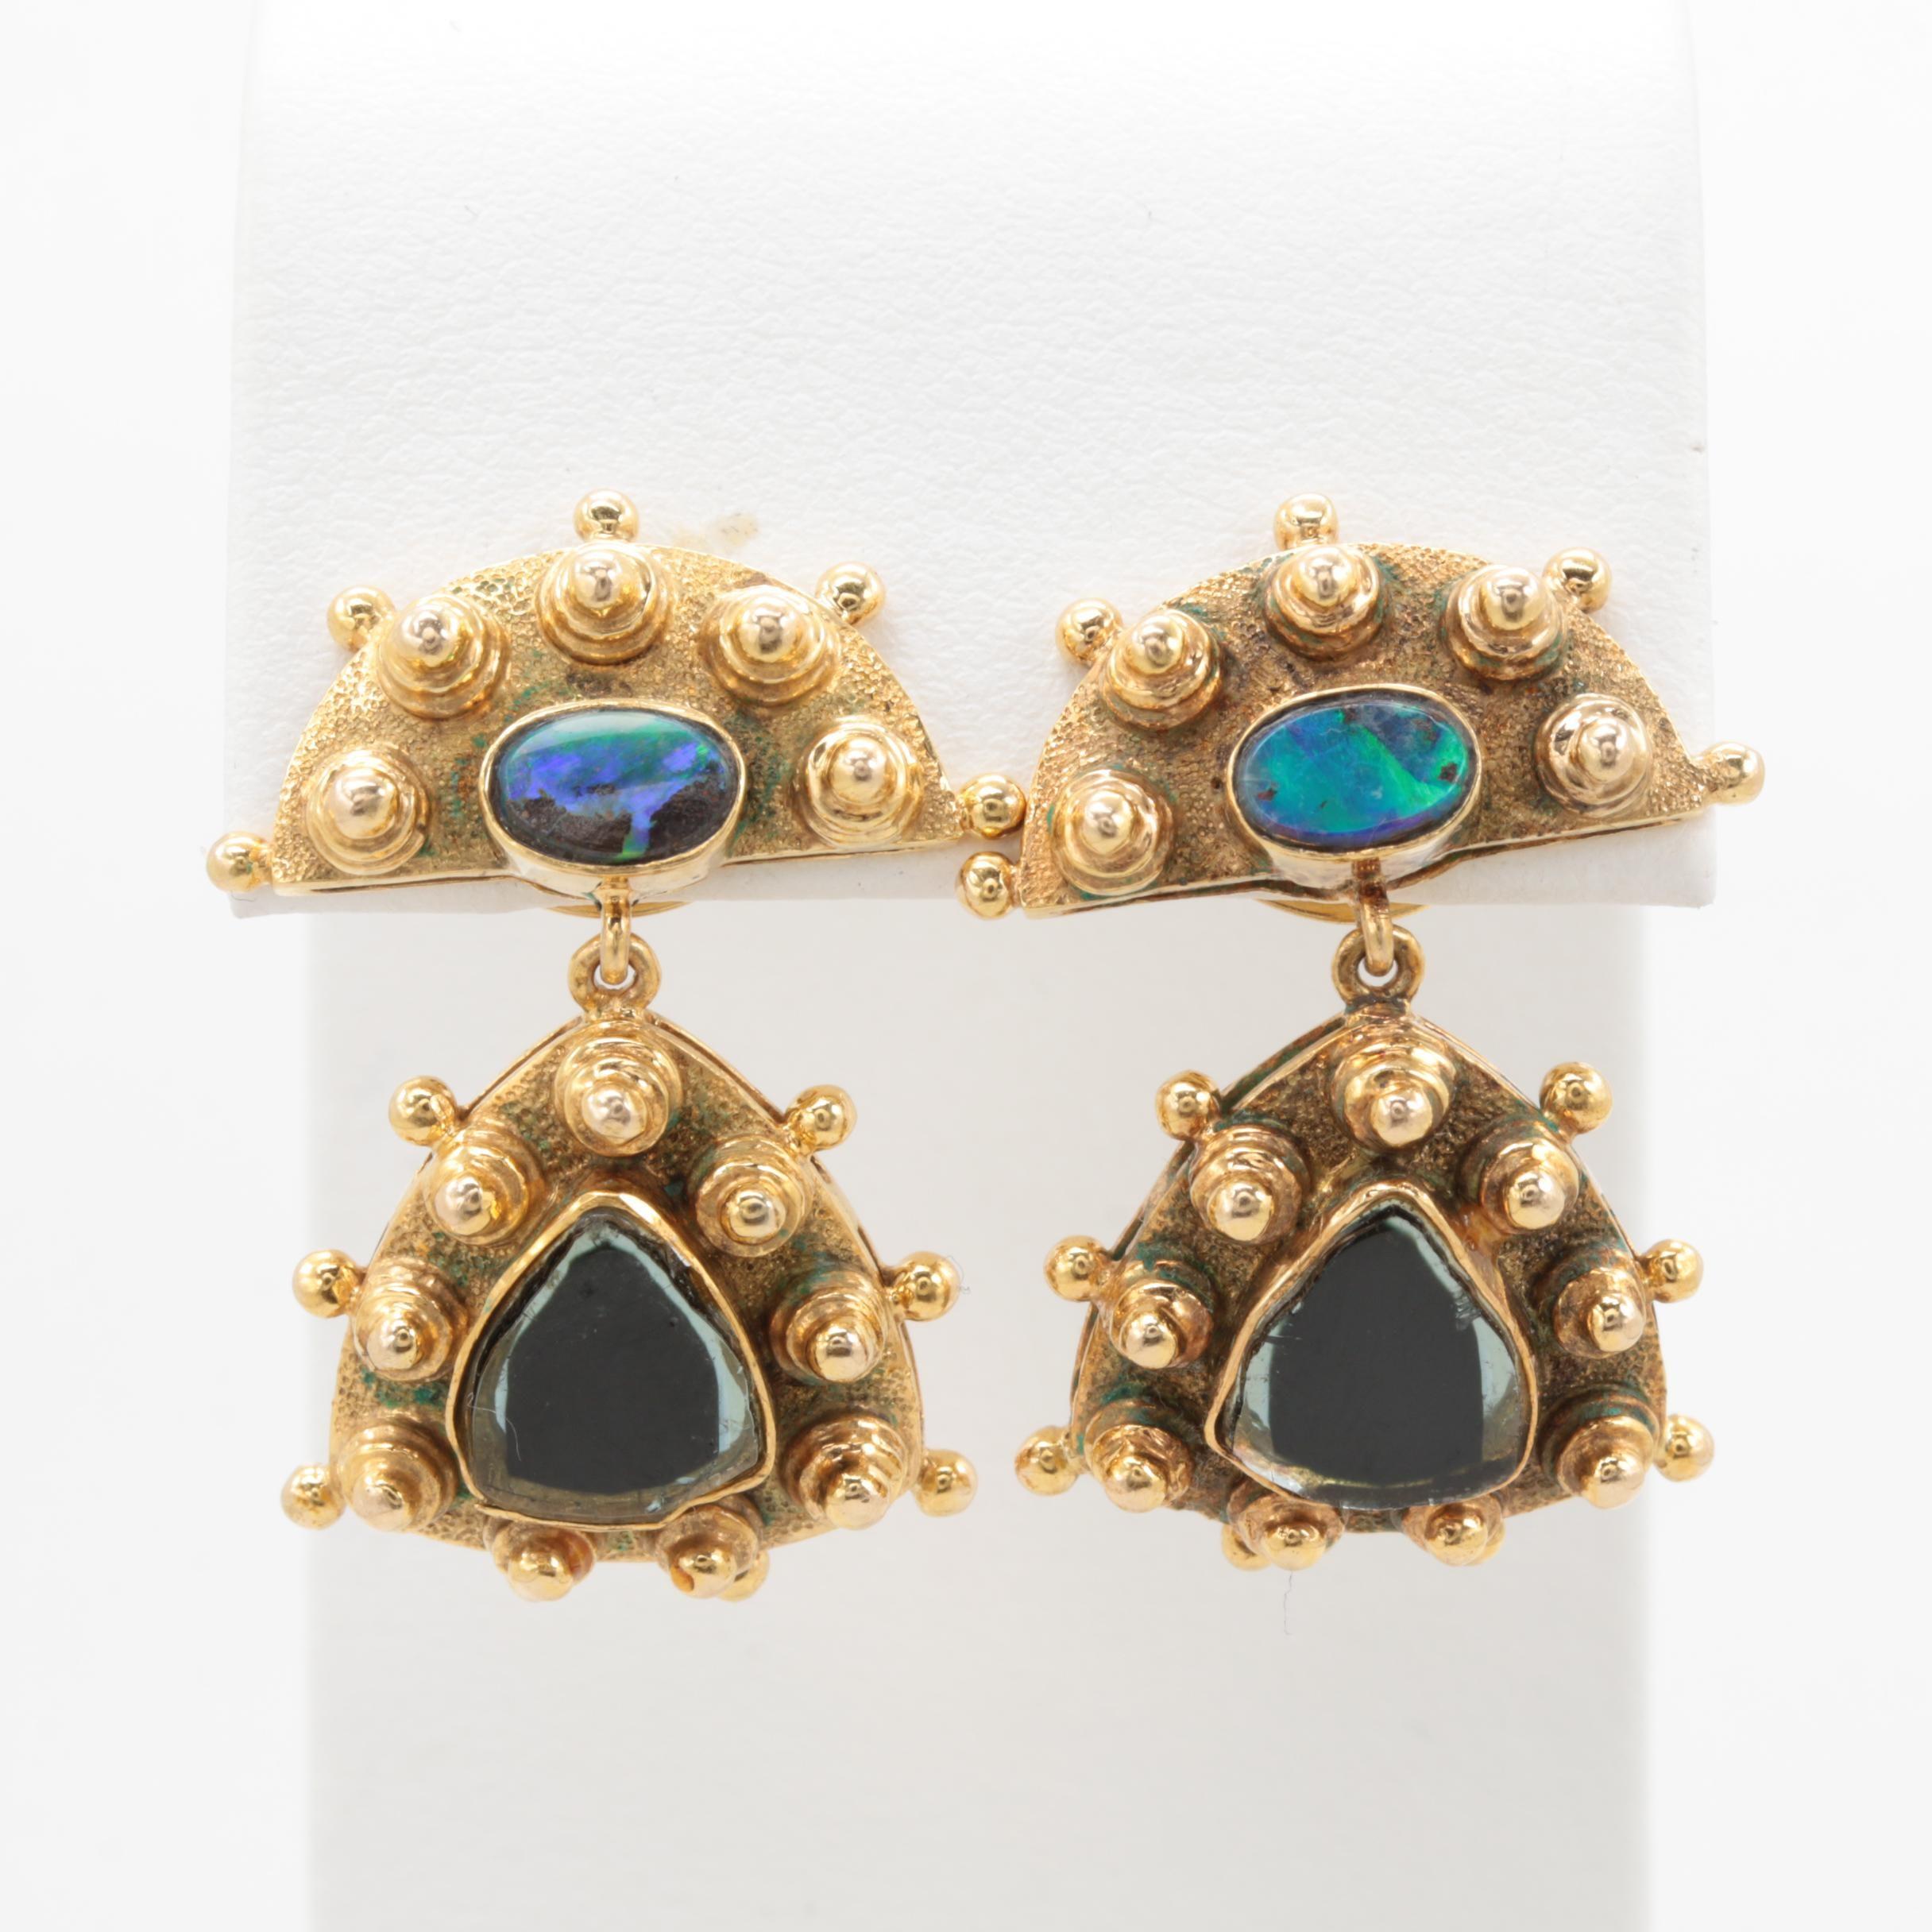 14K Yellow Gold Opal and Tourmaline Dangle Earrings